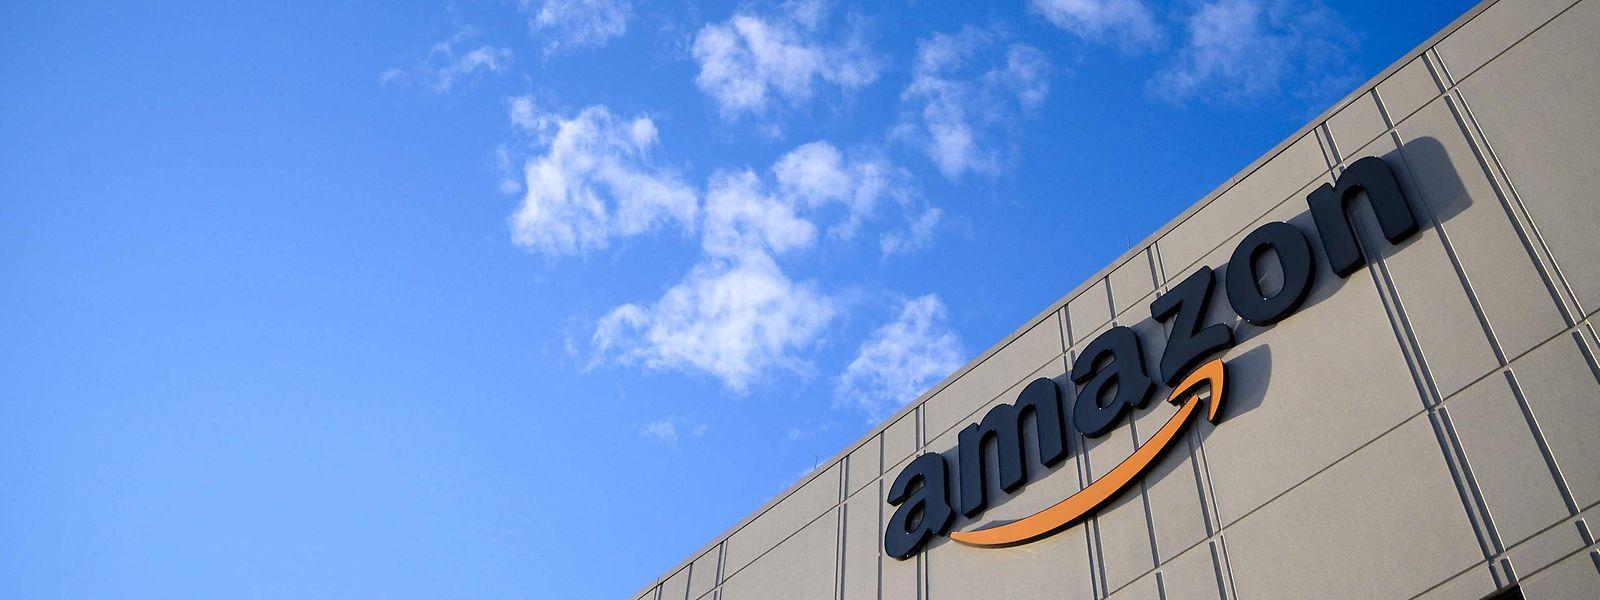 In Frankreich will Amazon bis Ende des Jahres 14.500 Mitarbeiter haben - und auch in der Nähe der Luxemburger Grenze bauen.